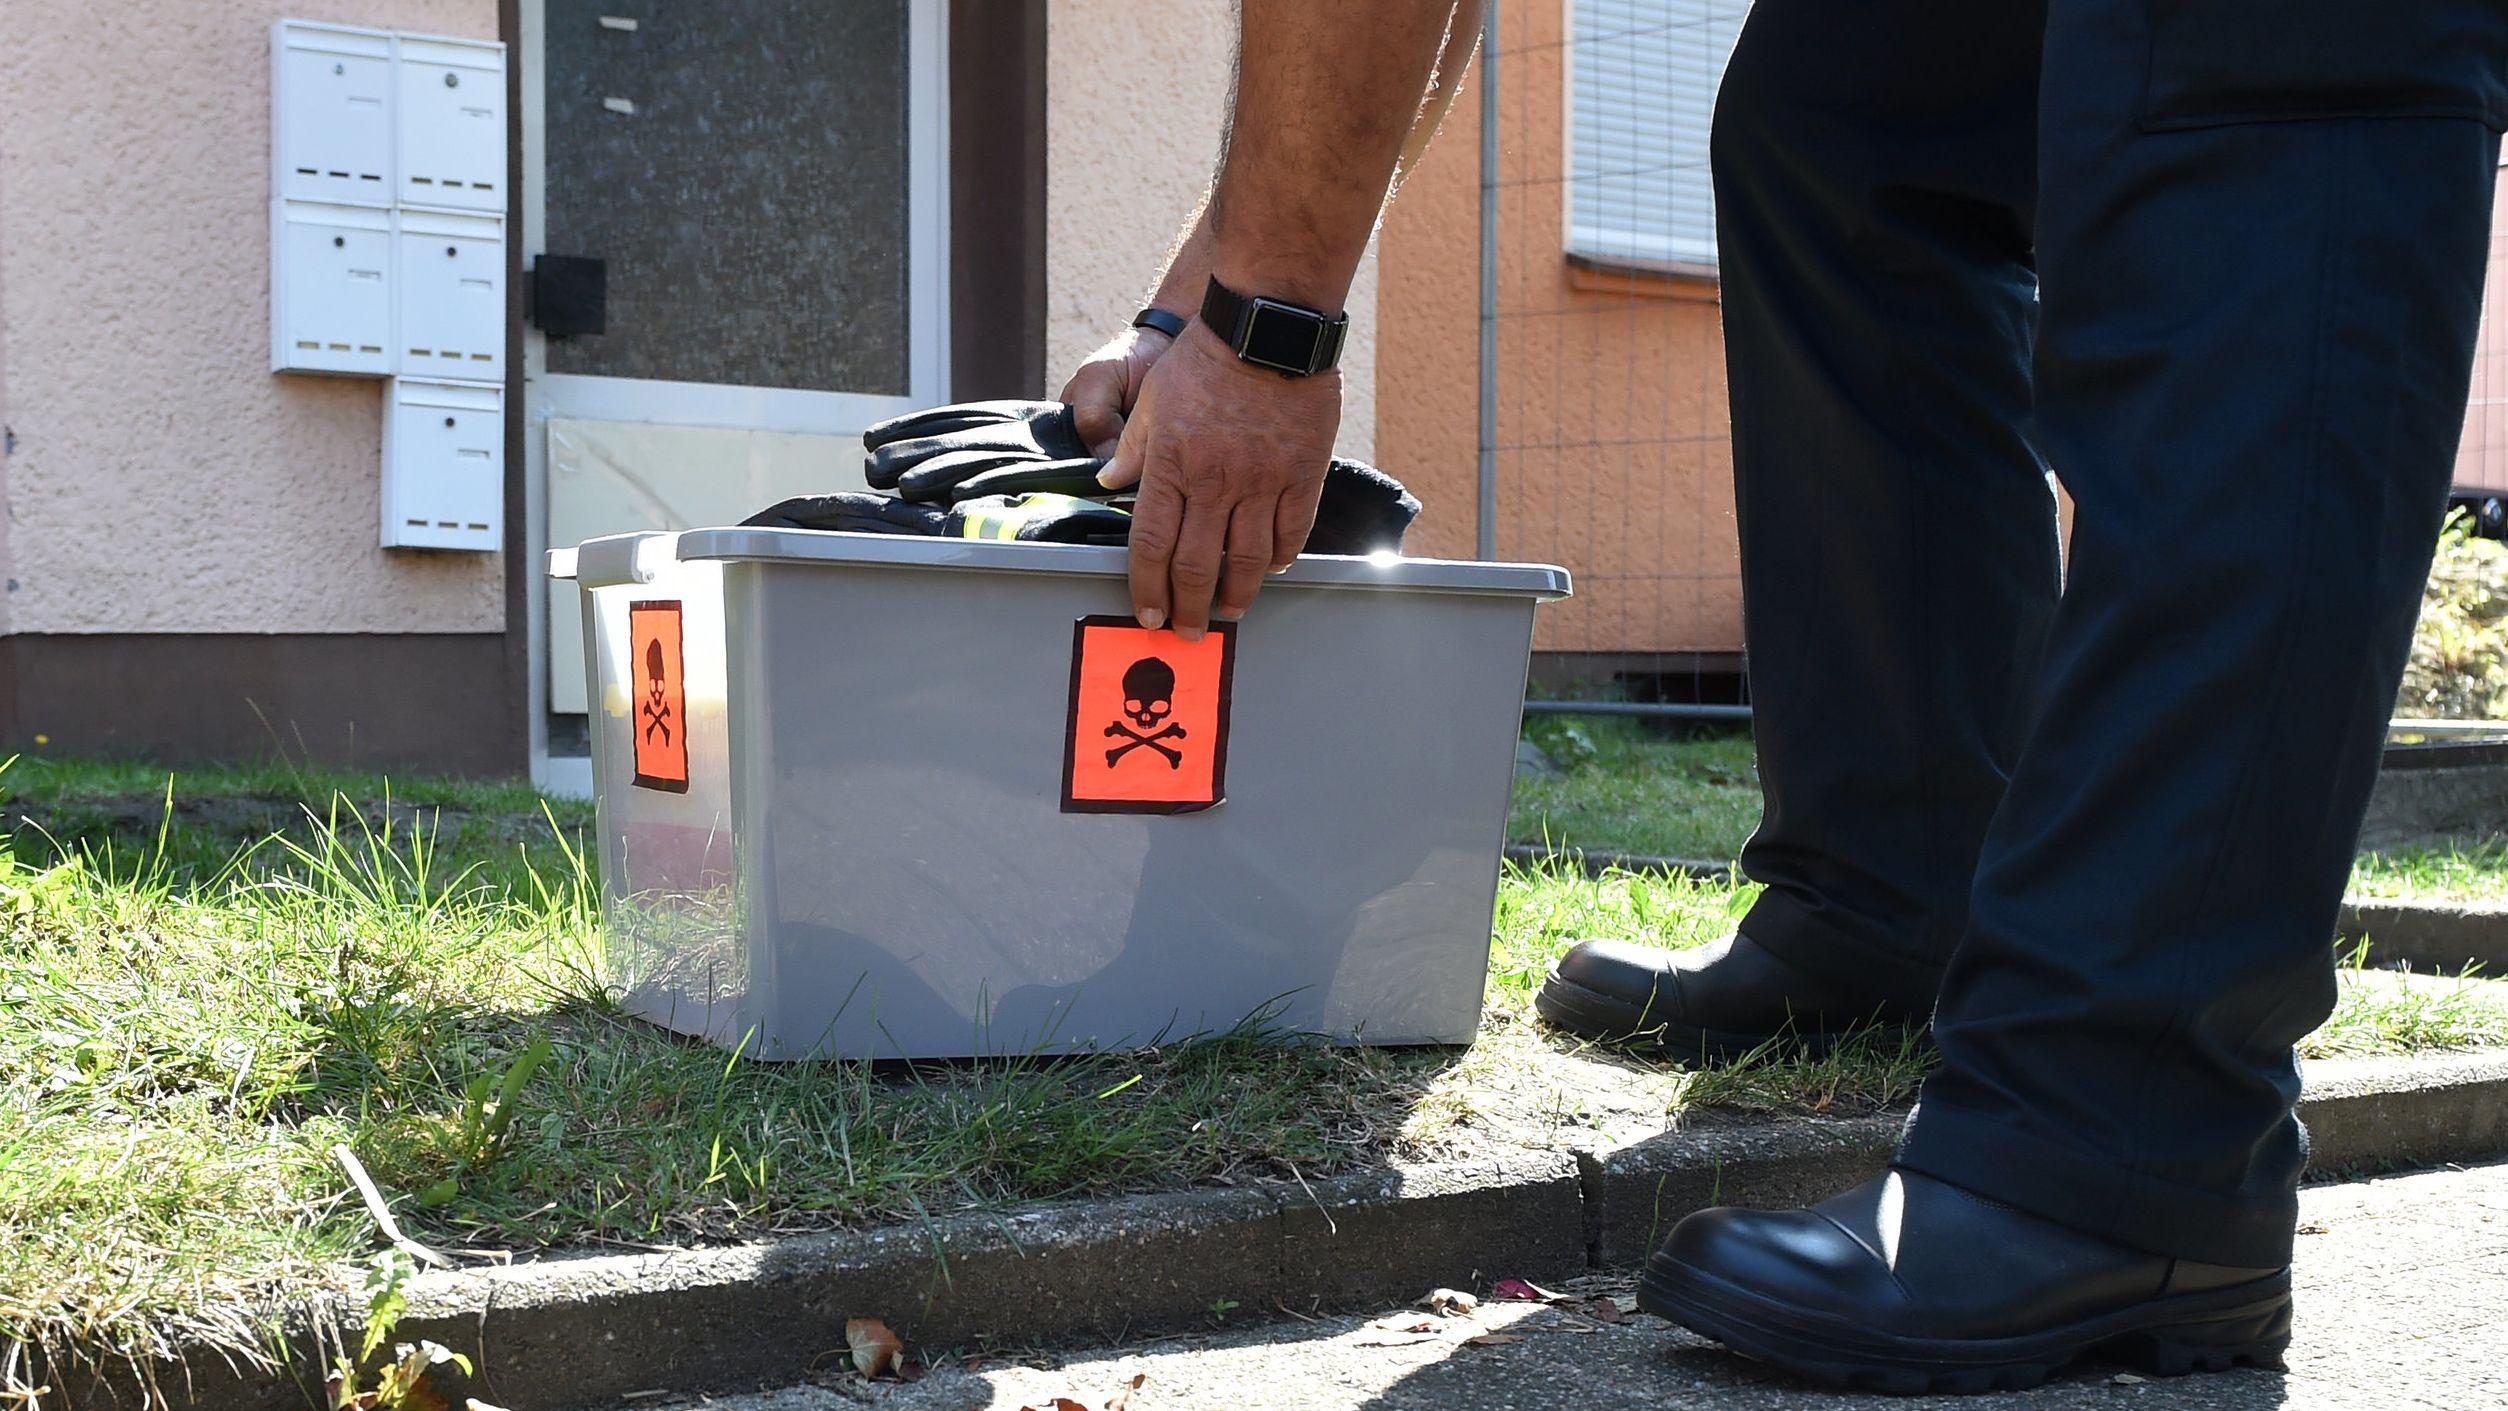 Ein Schlangenexperte stellt eine Kiste vor die Haustür eines Mehrfamilienhauses in Herne. Am Sonntag ist dort eine giftige Kobra entwischt.